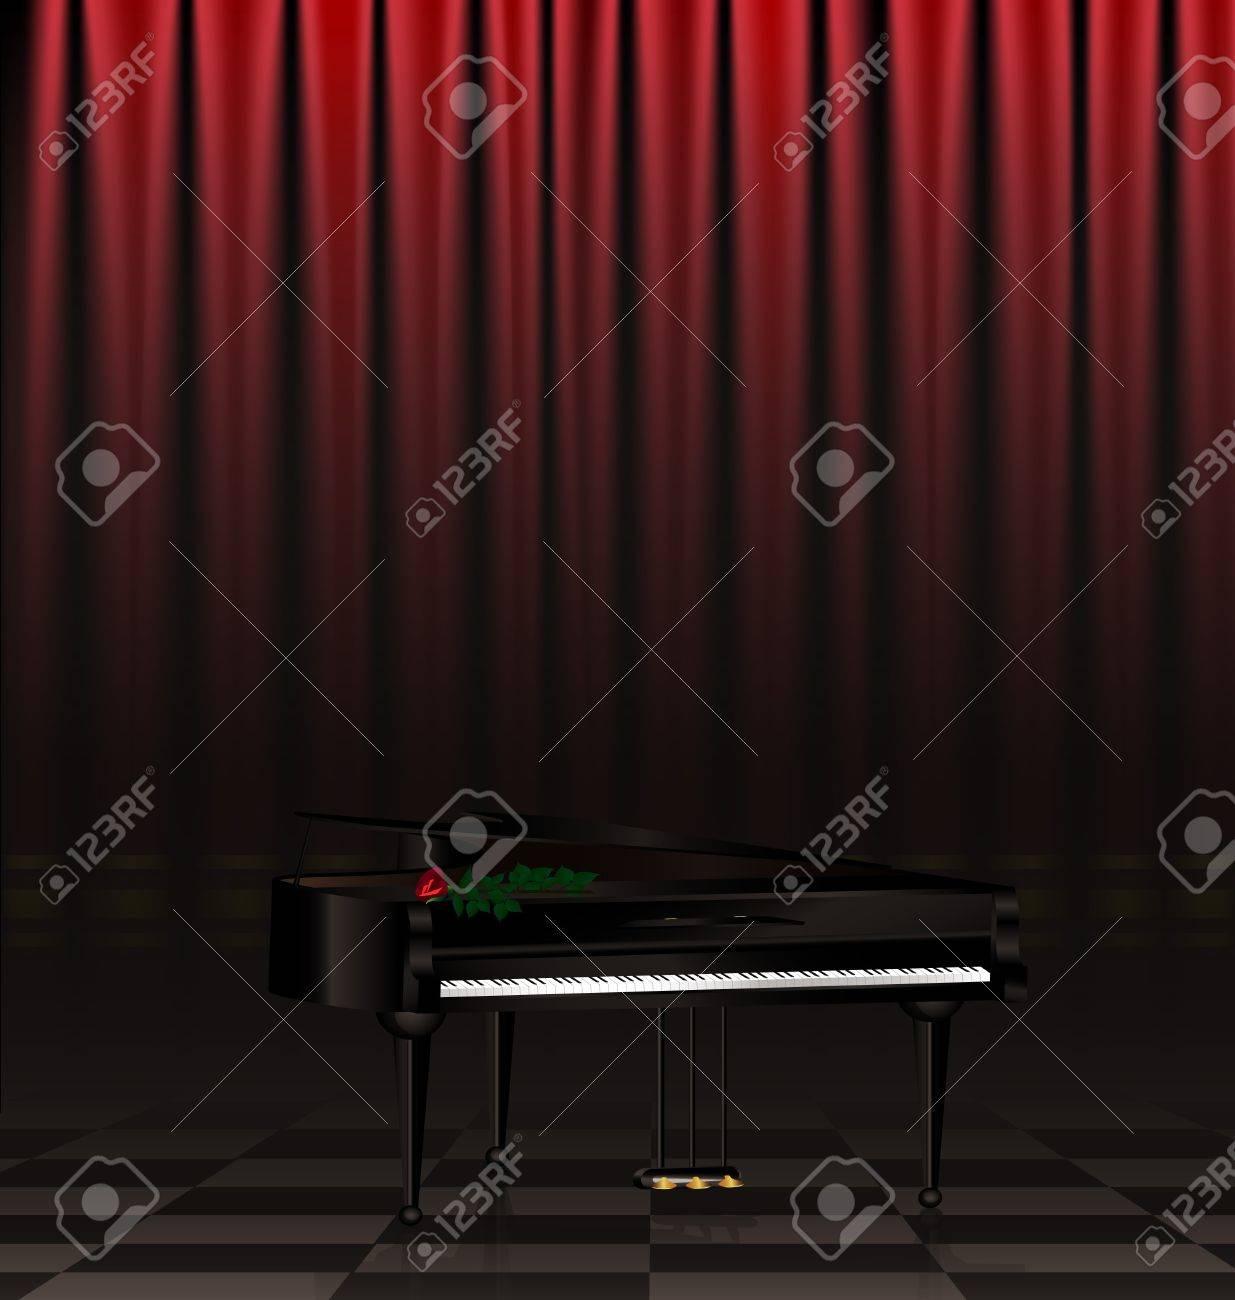 in a dark scene are black grand piano and red rose Stock Vector - 16939669